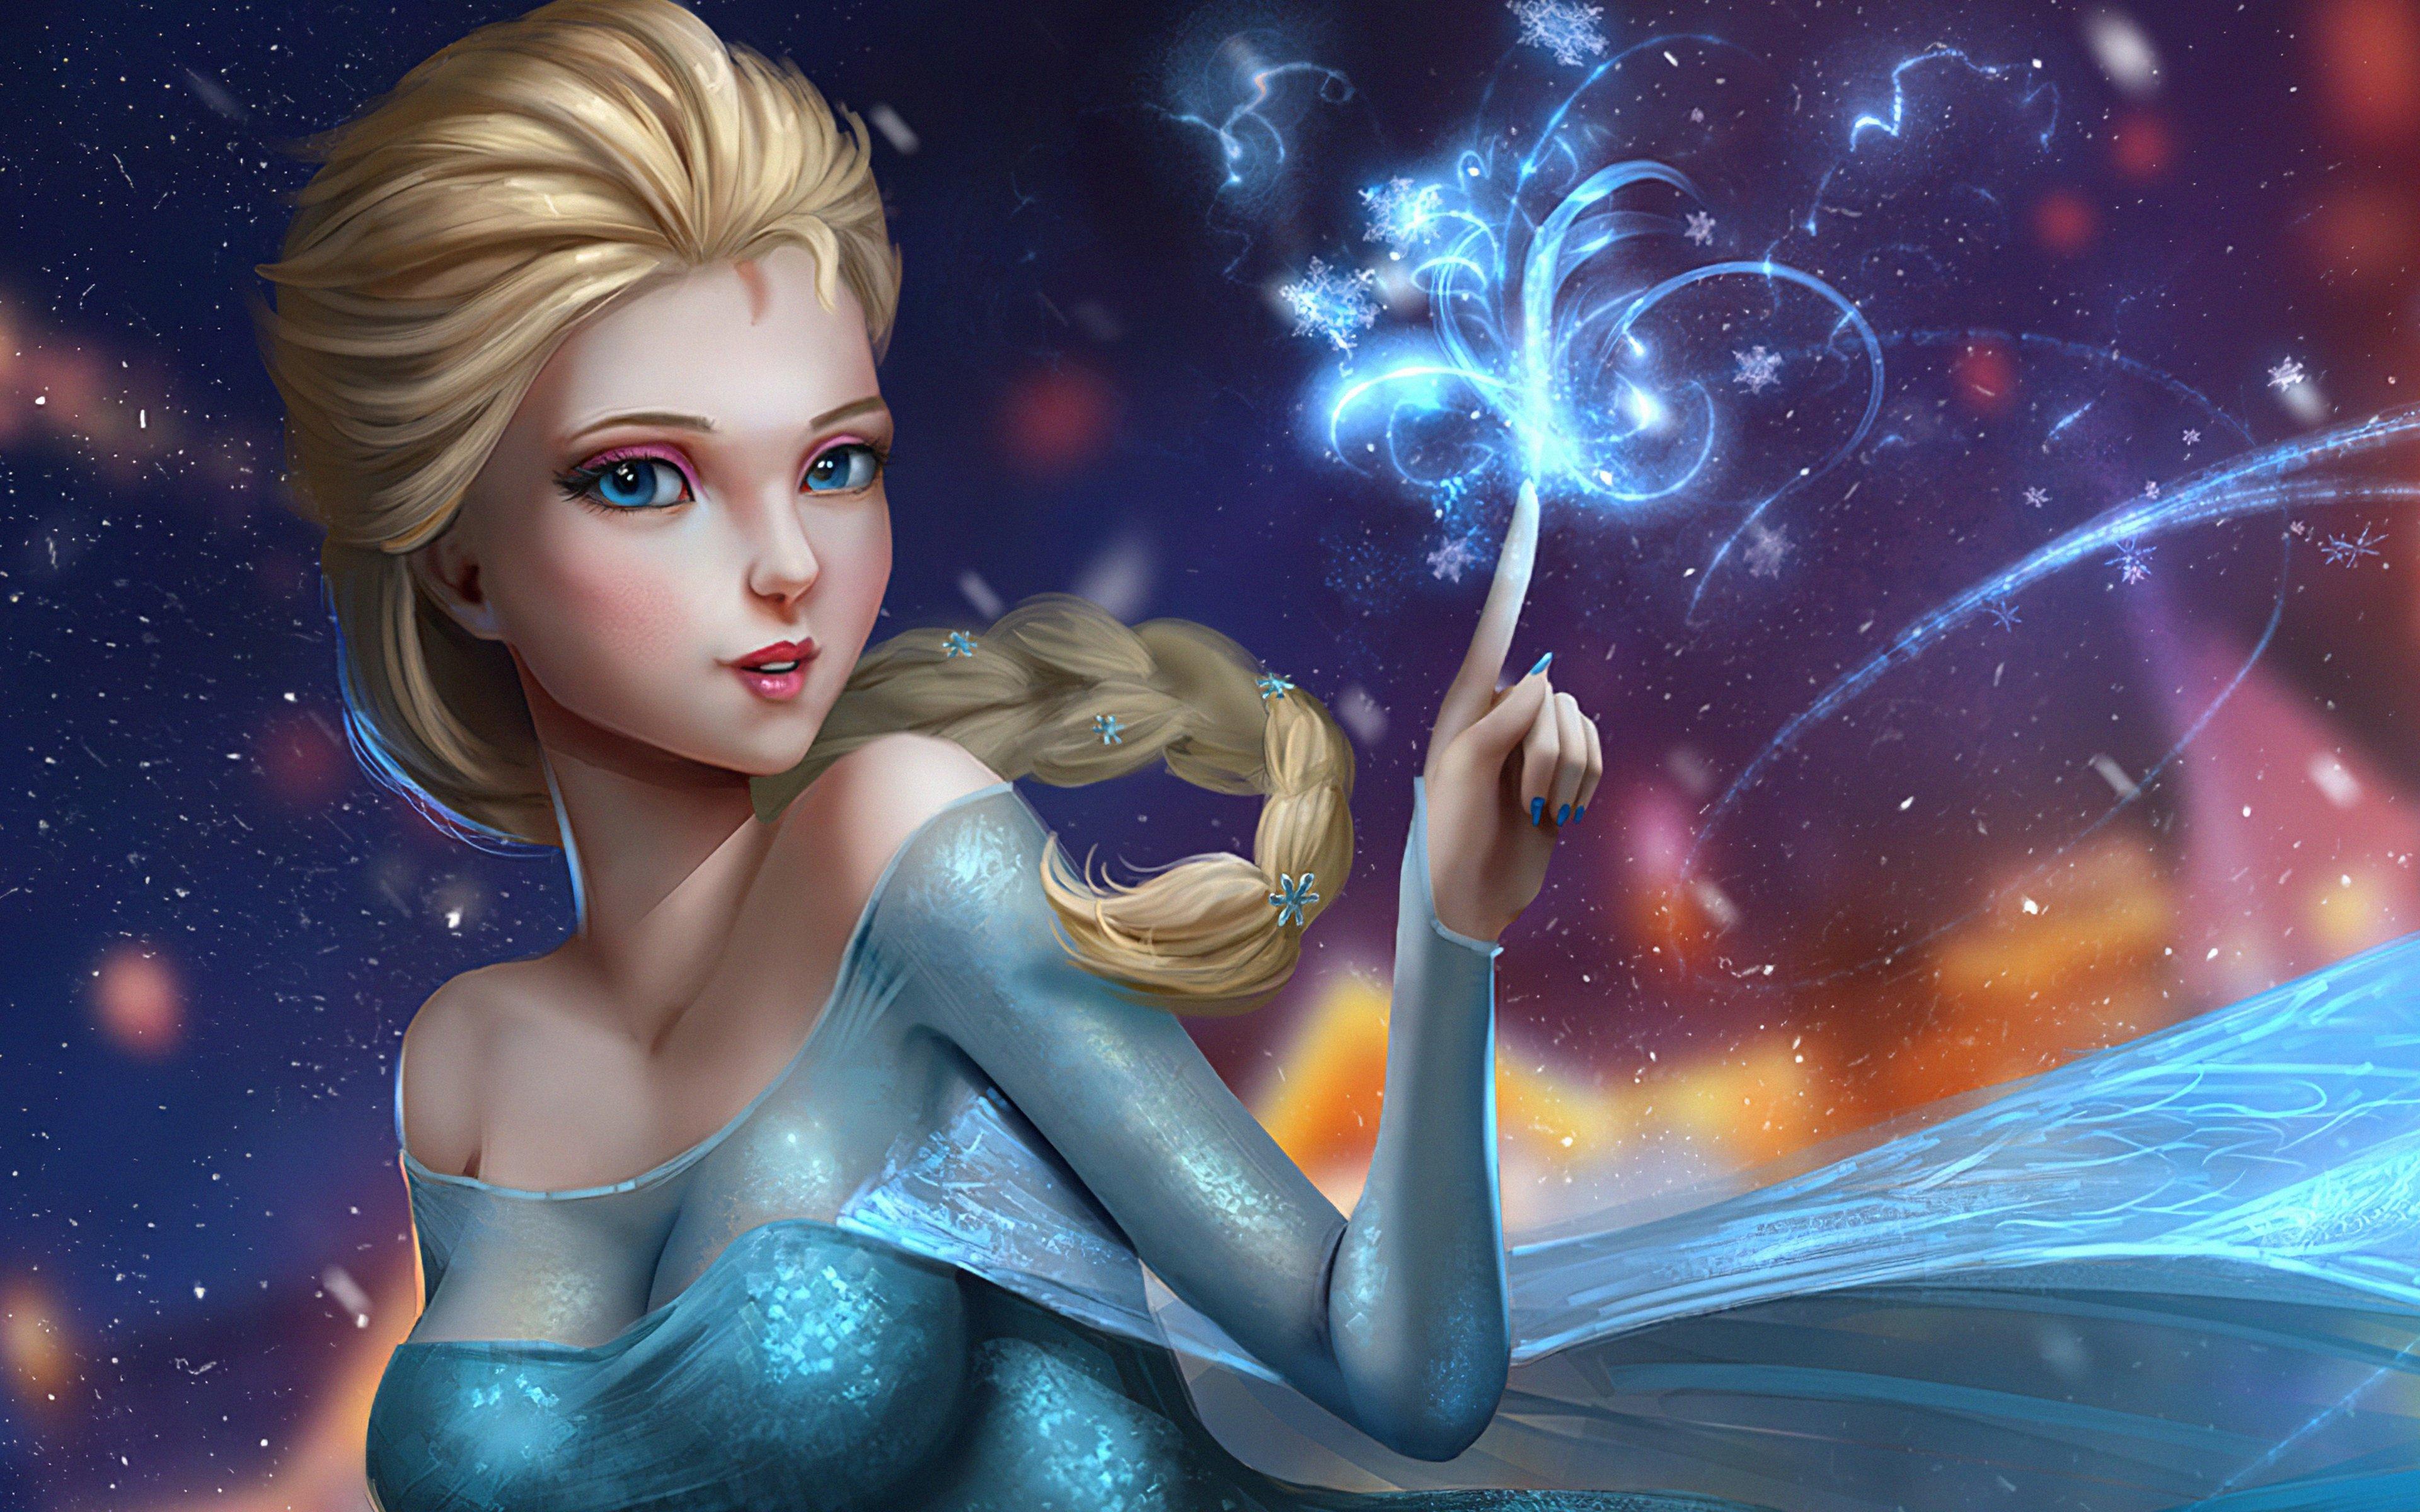 Fondos de pantalla Fanart de Elsa de Frozen